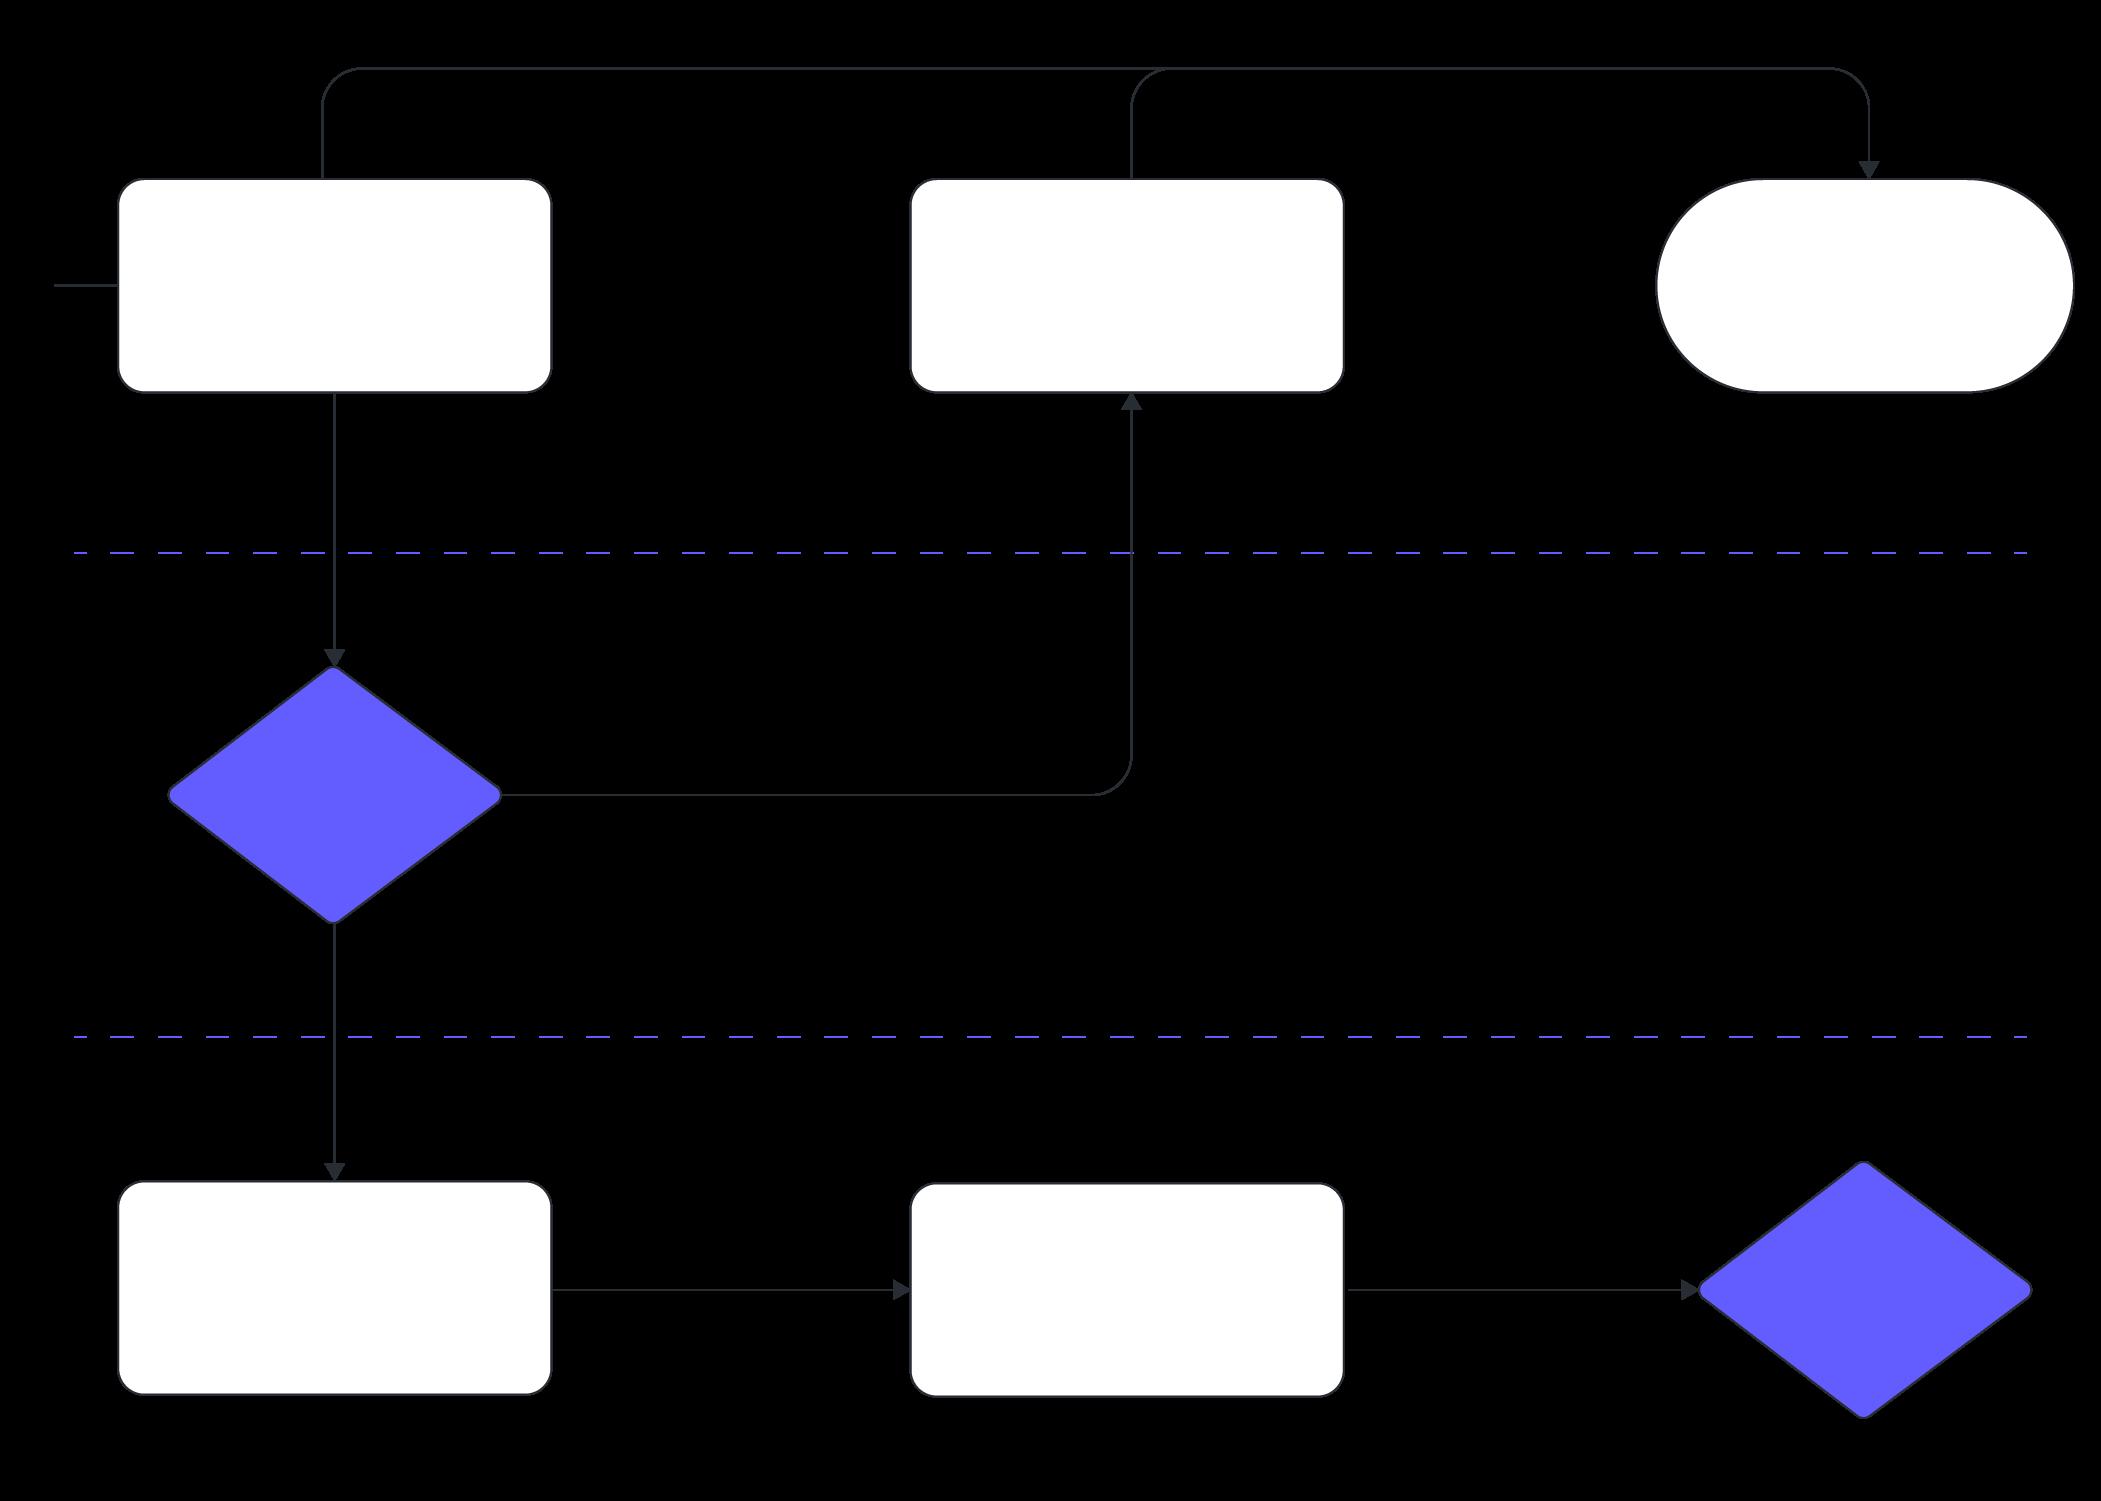 テンプレートからでもデザインできるロードマップツール